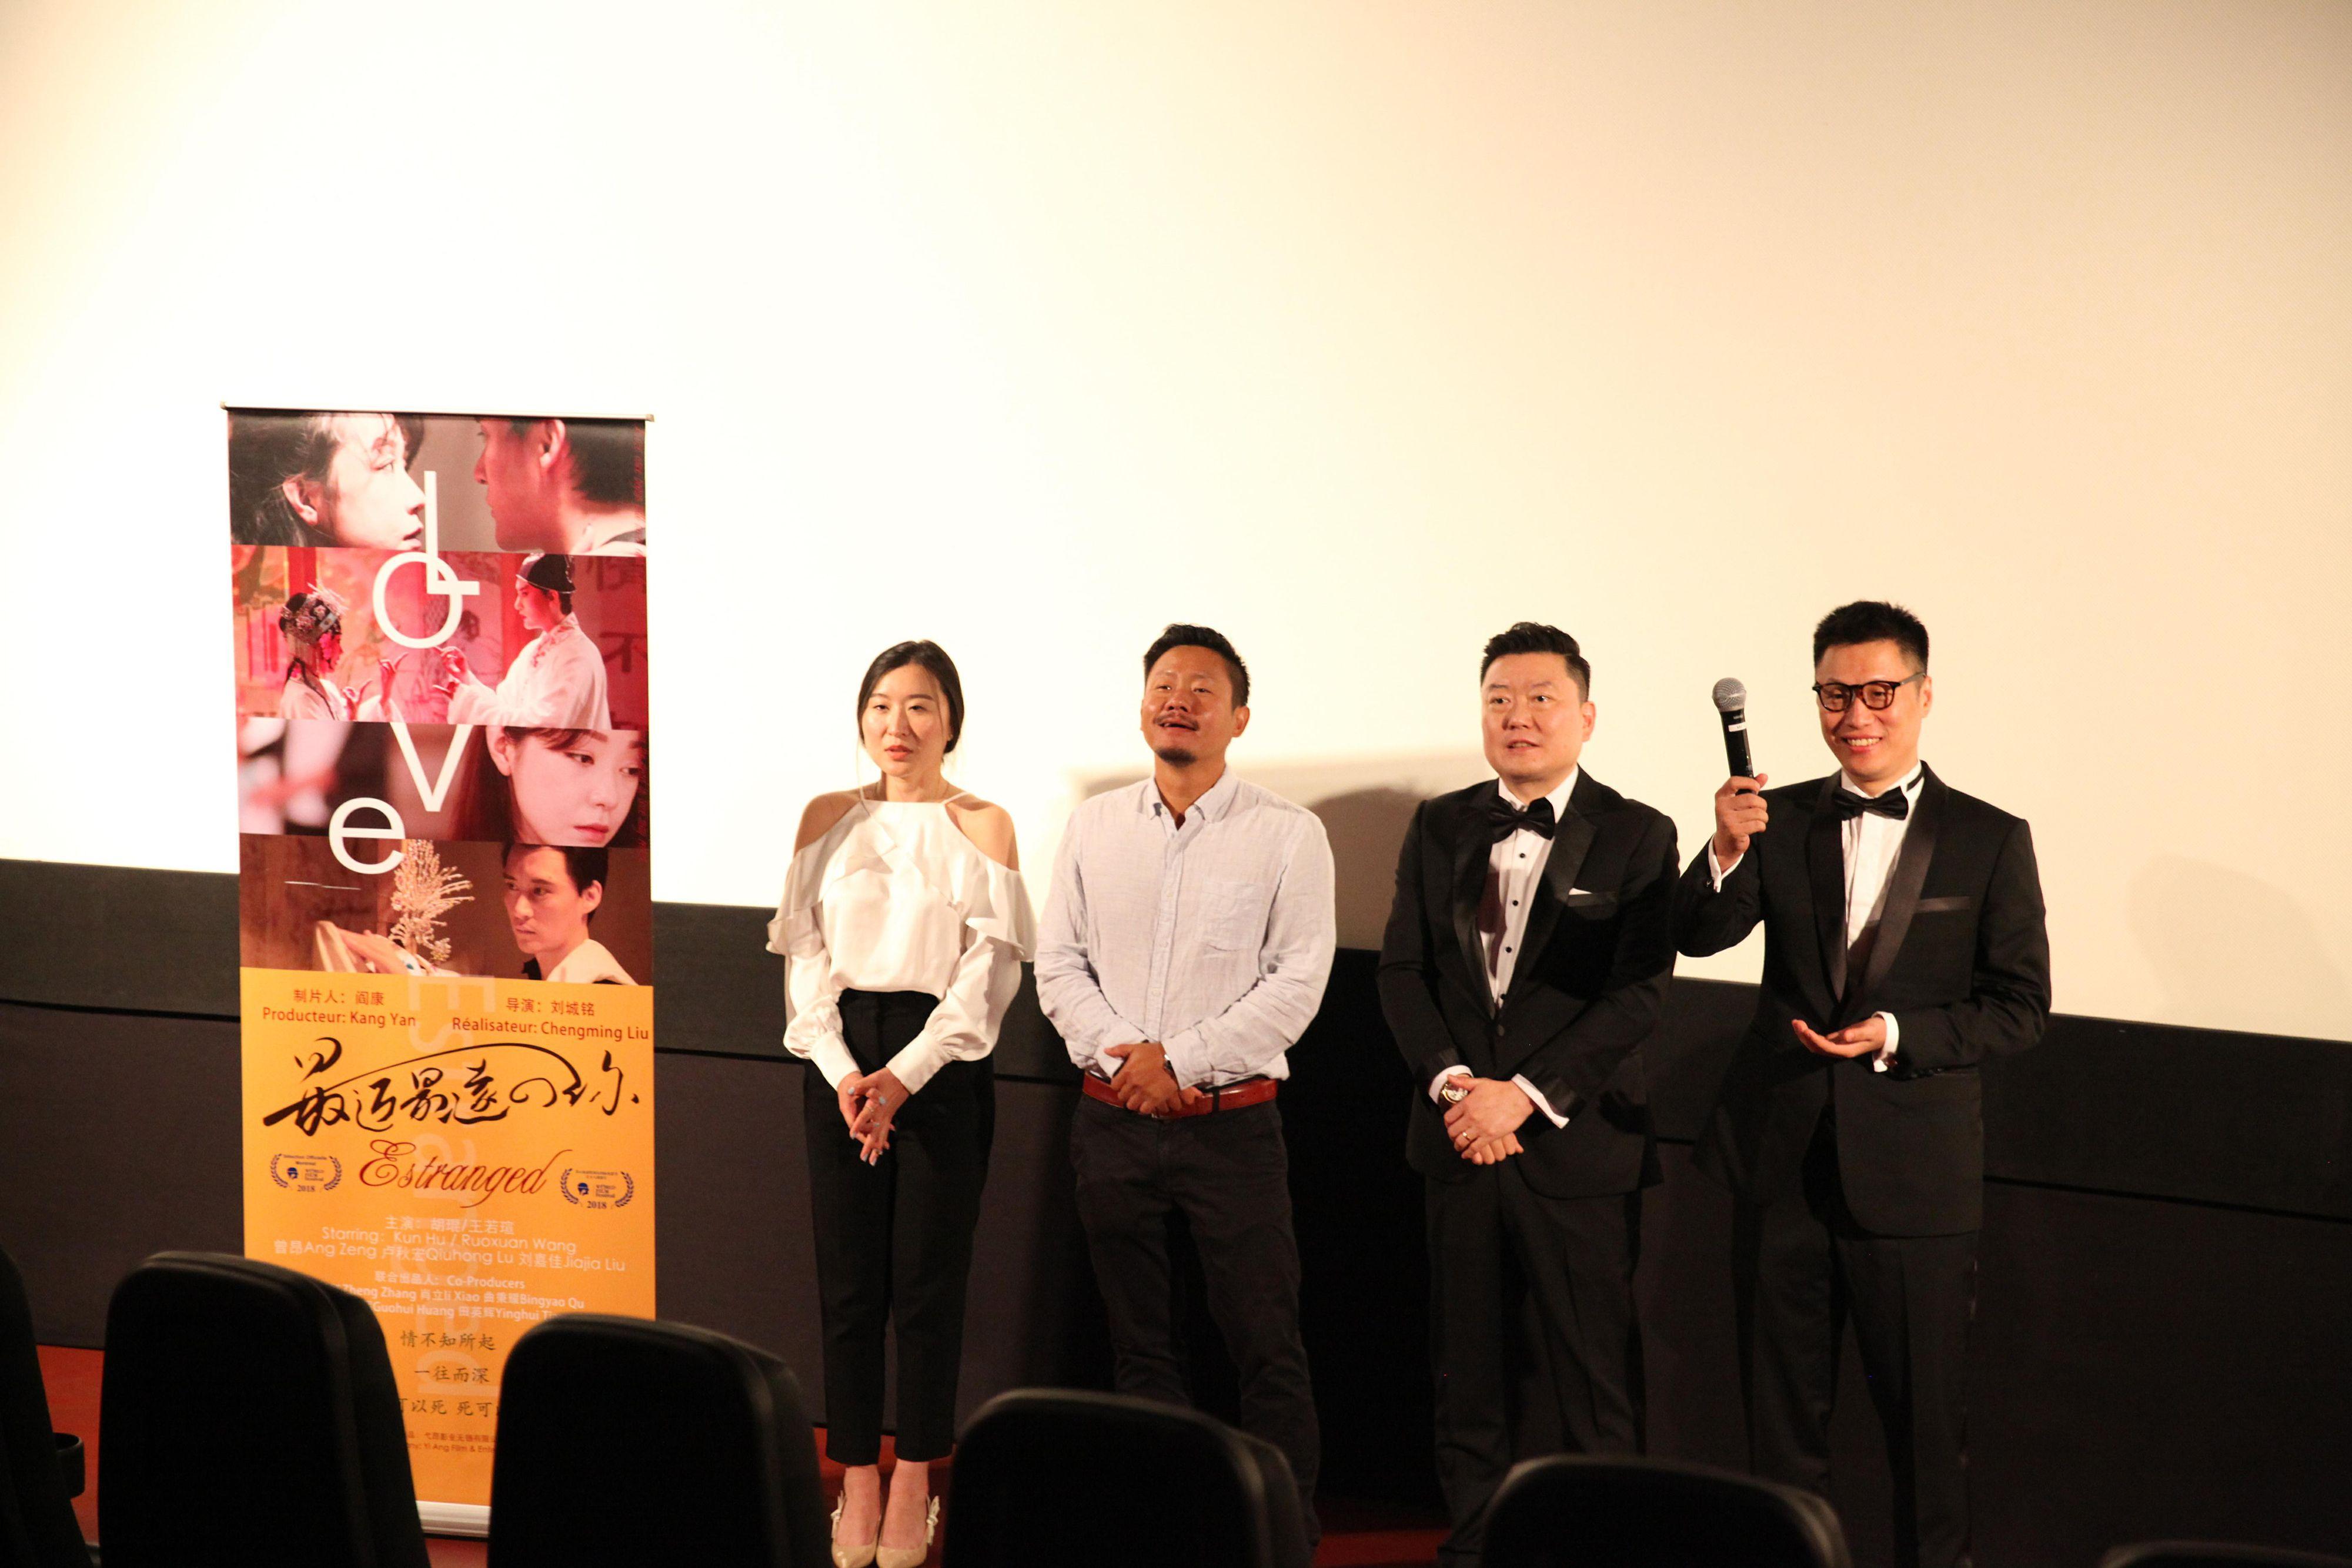 电影《最近最远的你》蒙特利尔电影节官方首映礼现场.jpg